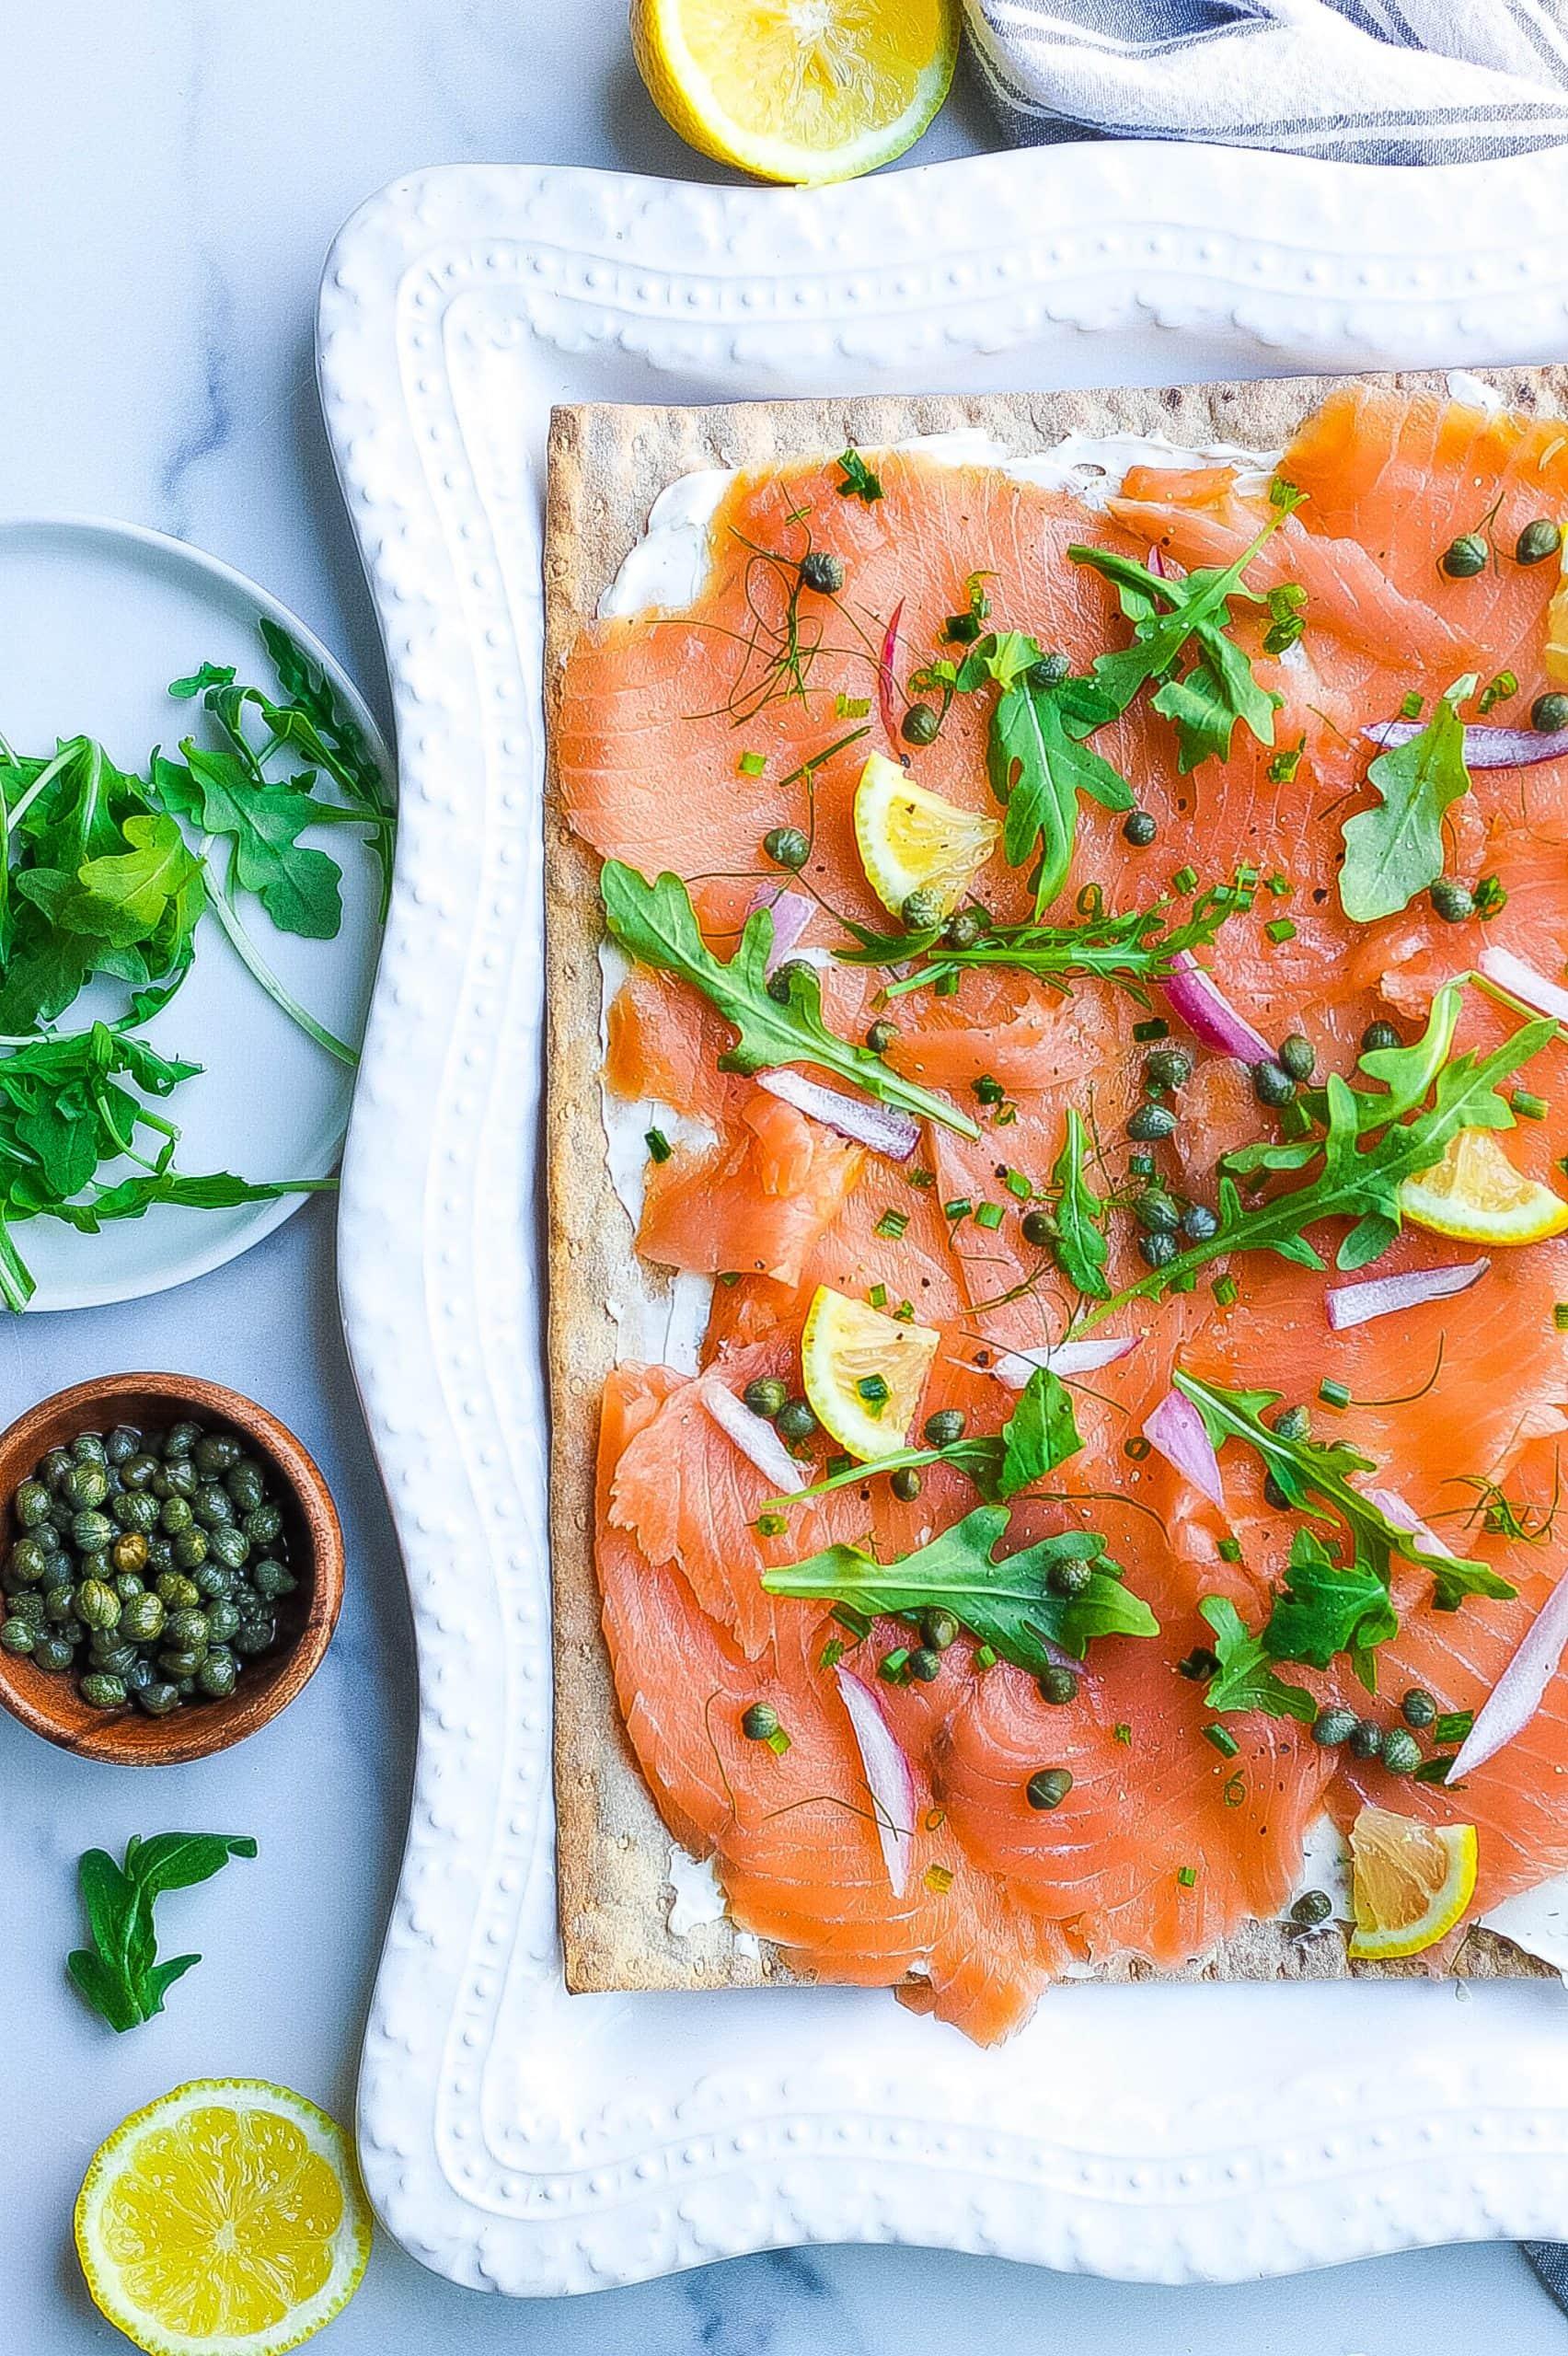 Smoked Salmon Flatbread on platter